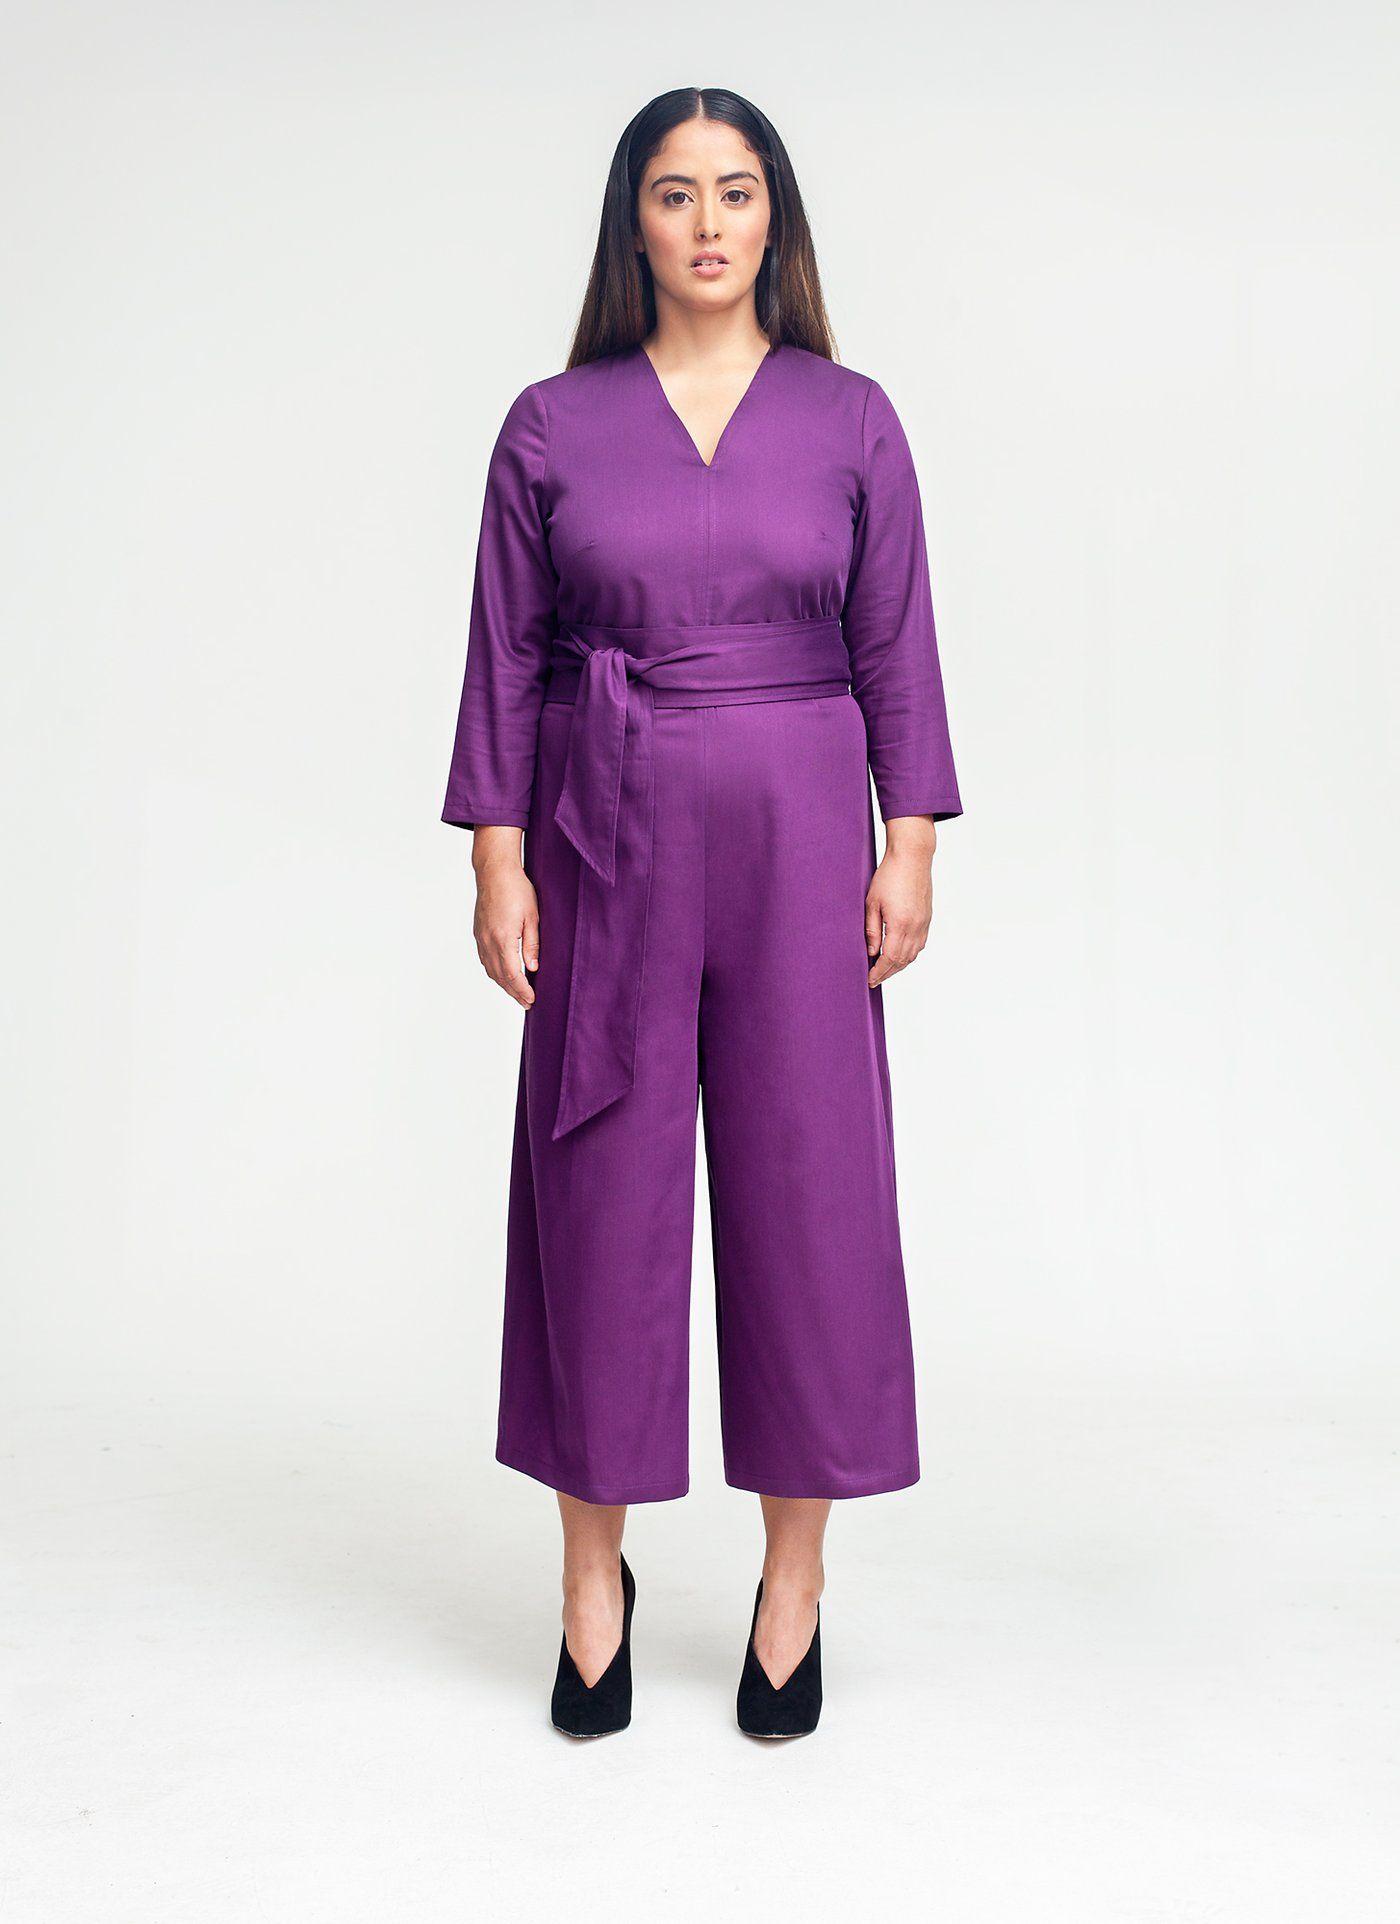 Schicke Fair Fashion Kleider für Abiball, Hochzeit & Co ...